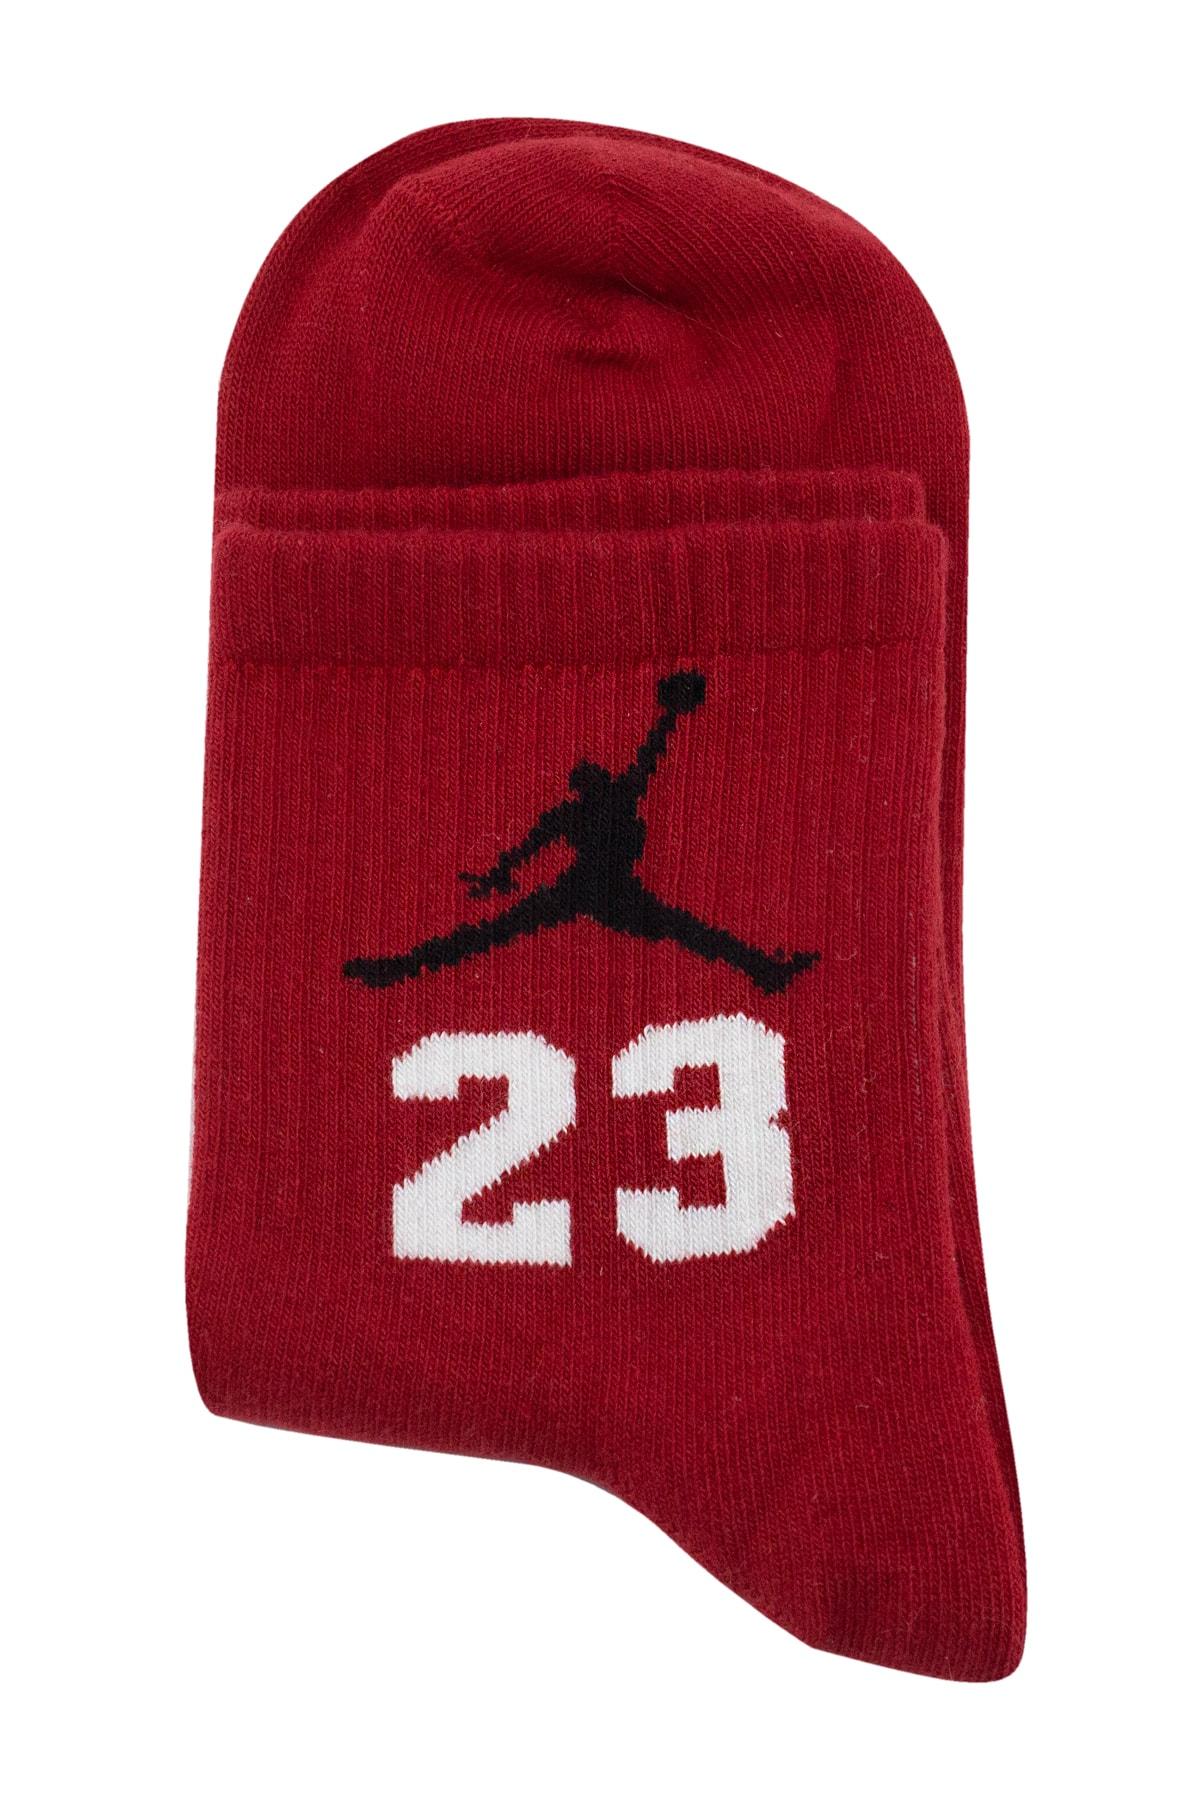 Socksarmy Jordan Desenli Çorap Seti 3 'lü 2